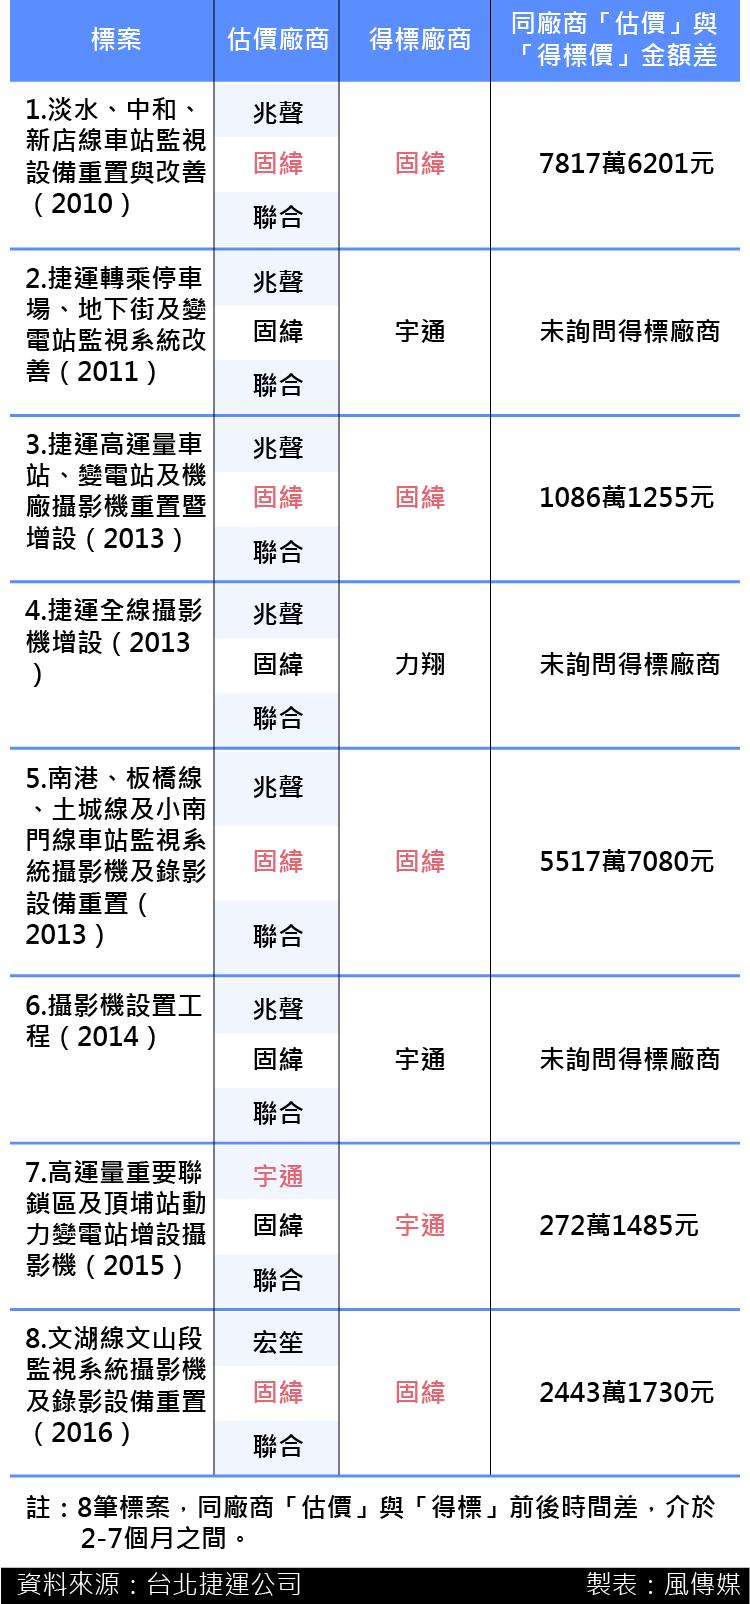 20161223-SMG0035-2010-2016台北捷運公司監視器汰換承攬廠商比率-01.png